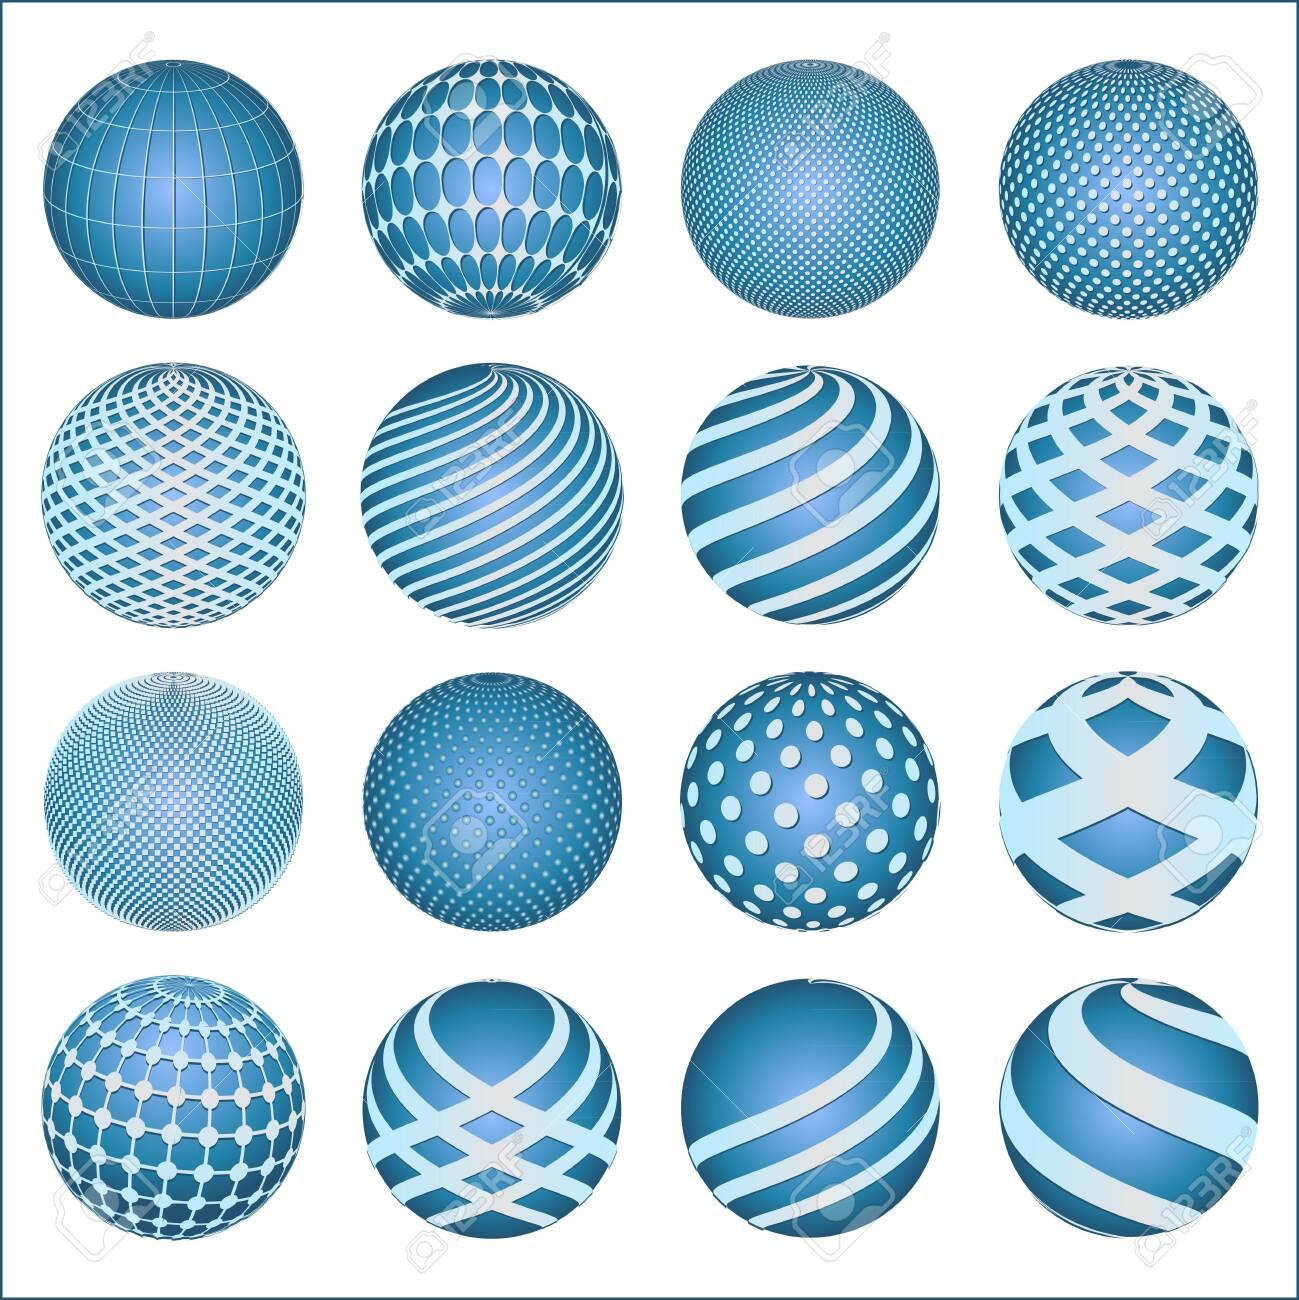 Spheres Stock Vector - 20240301